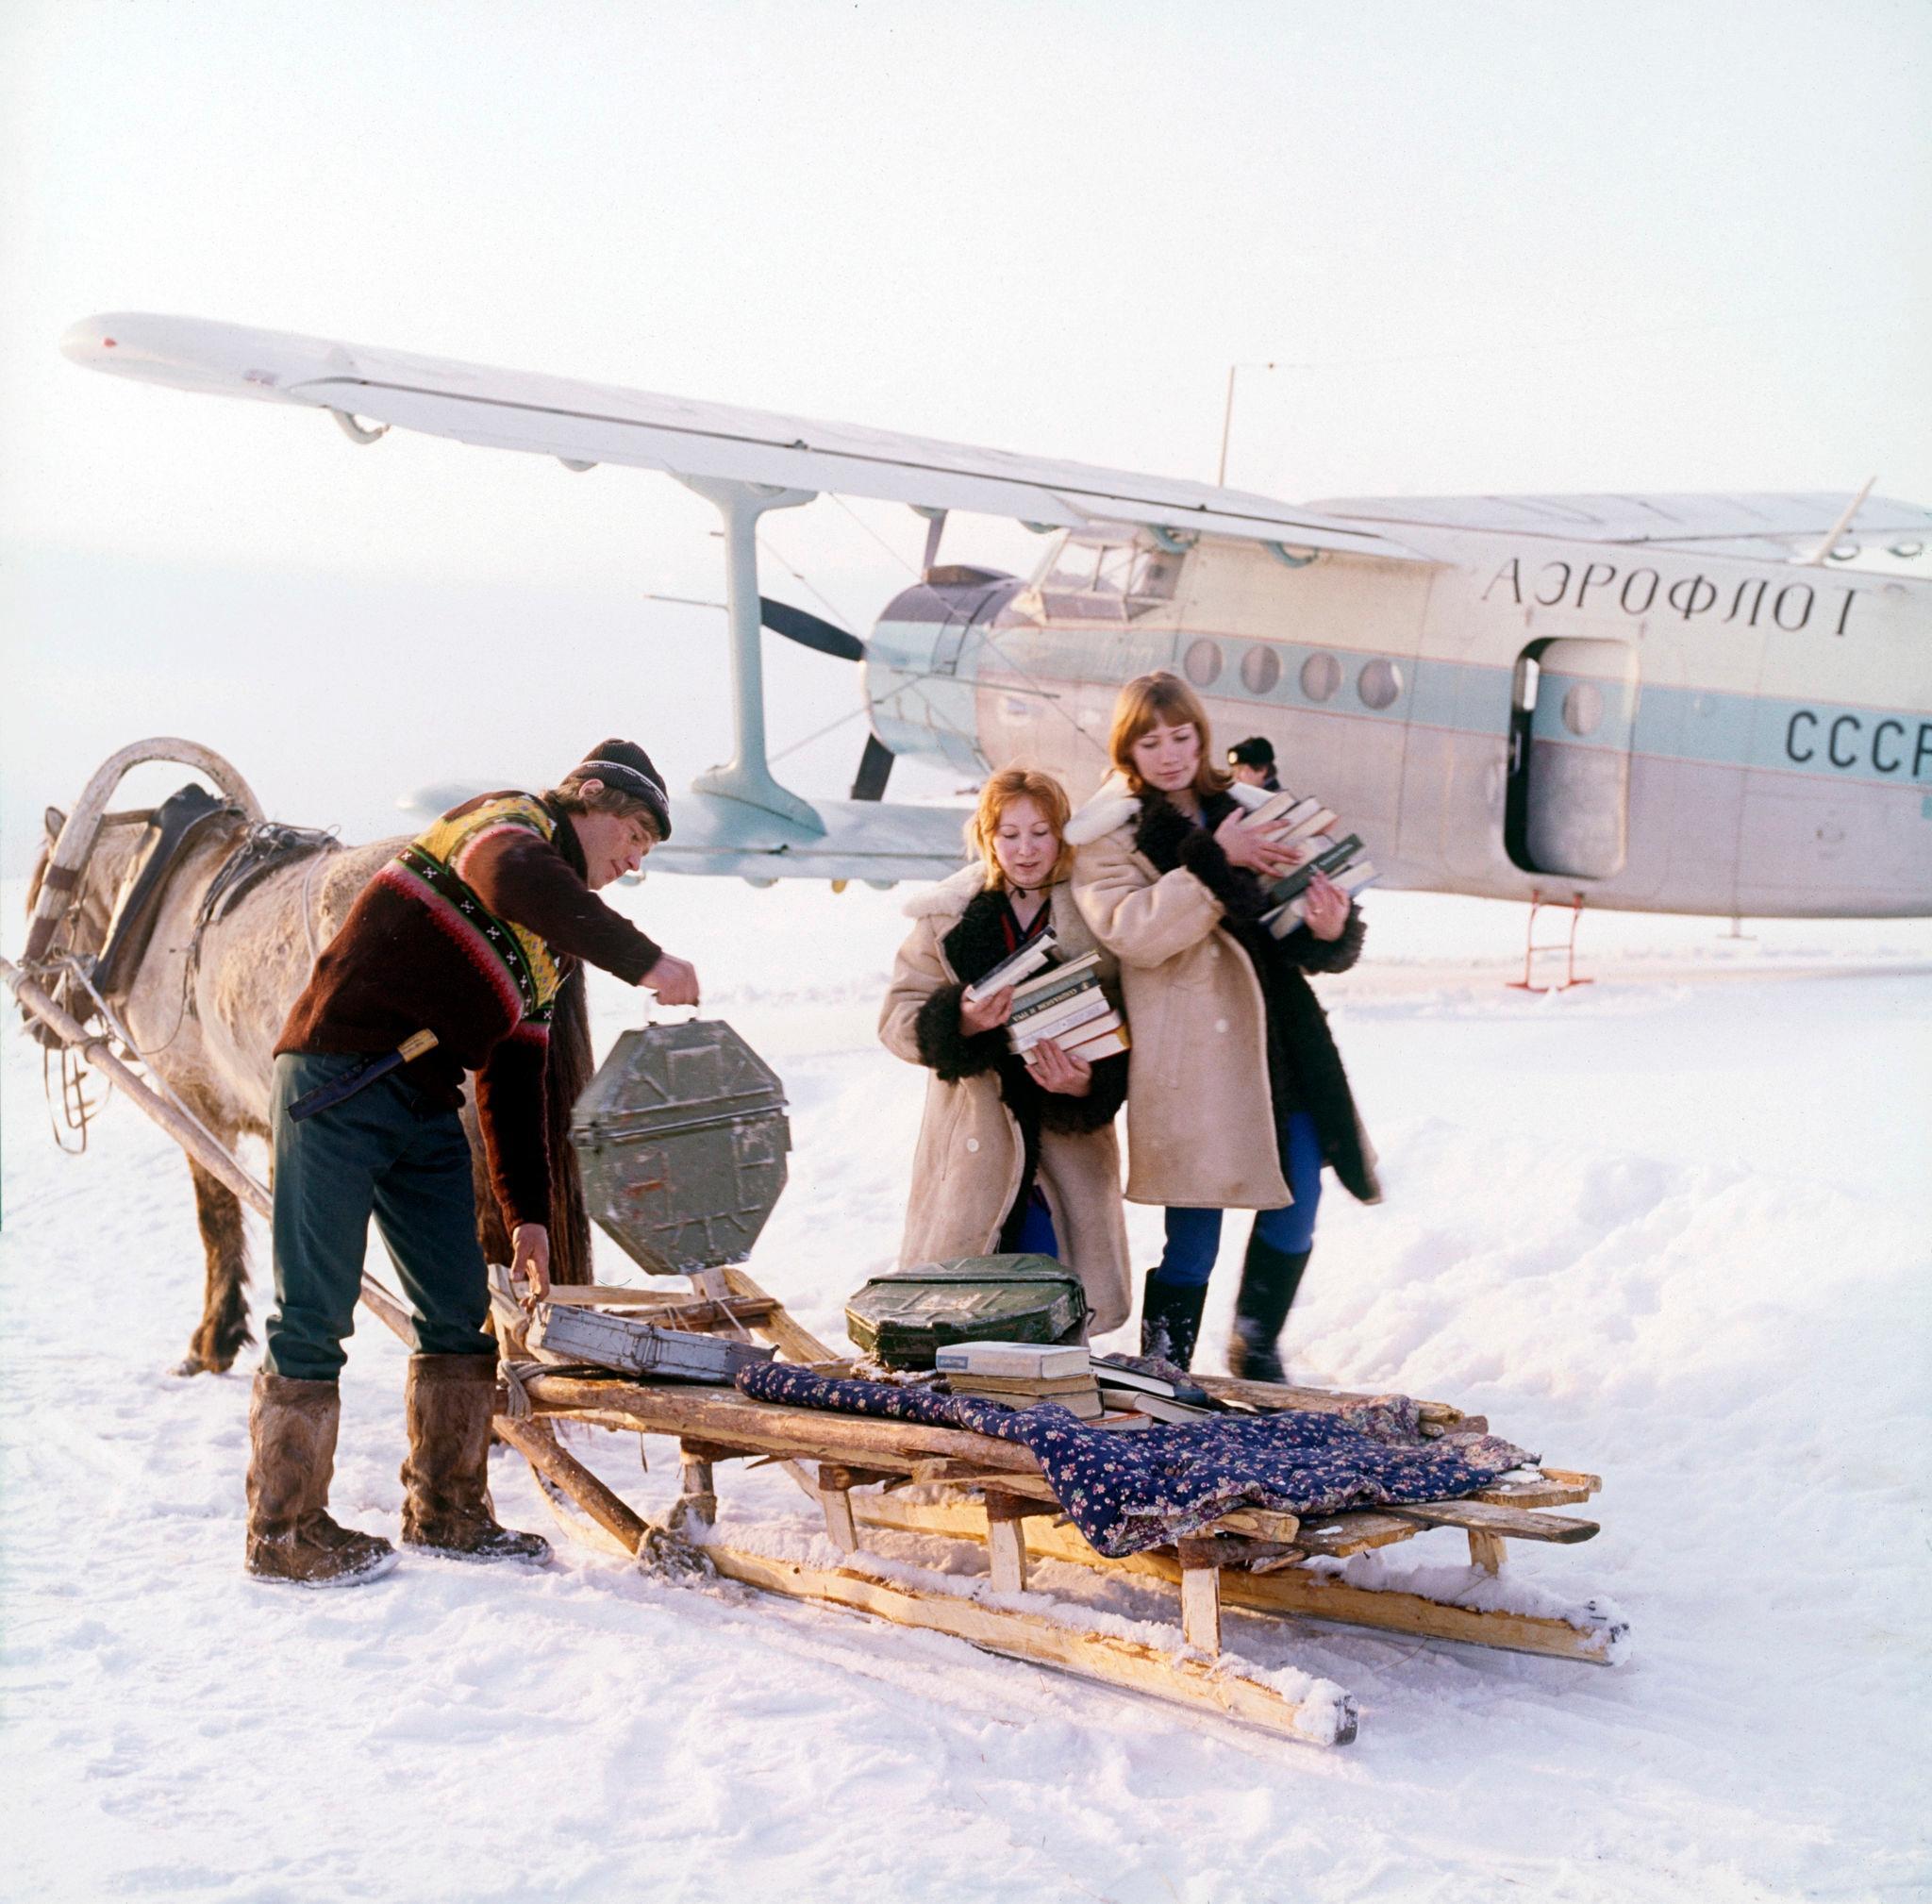 1970-е. Лена, таежная метеостанция Китулья, прибытие транспортного самолета (2)